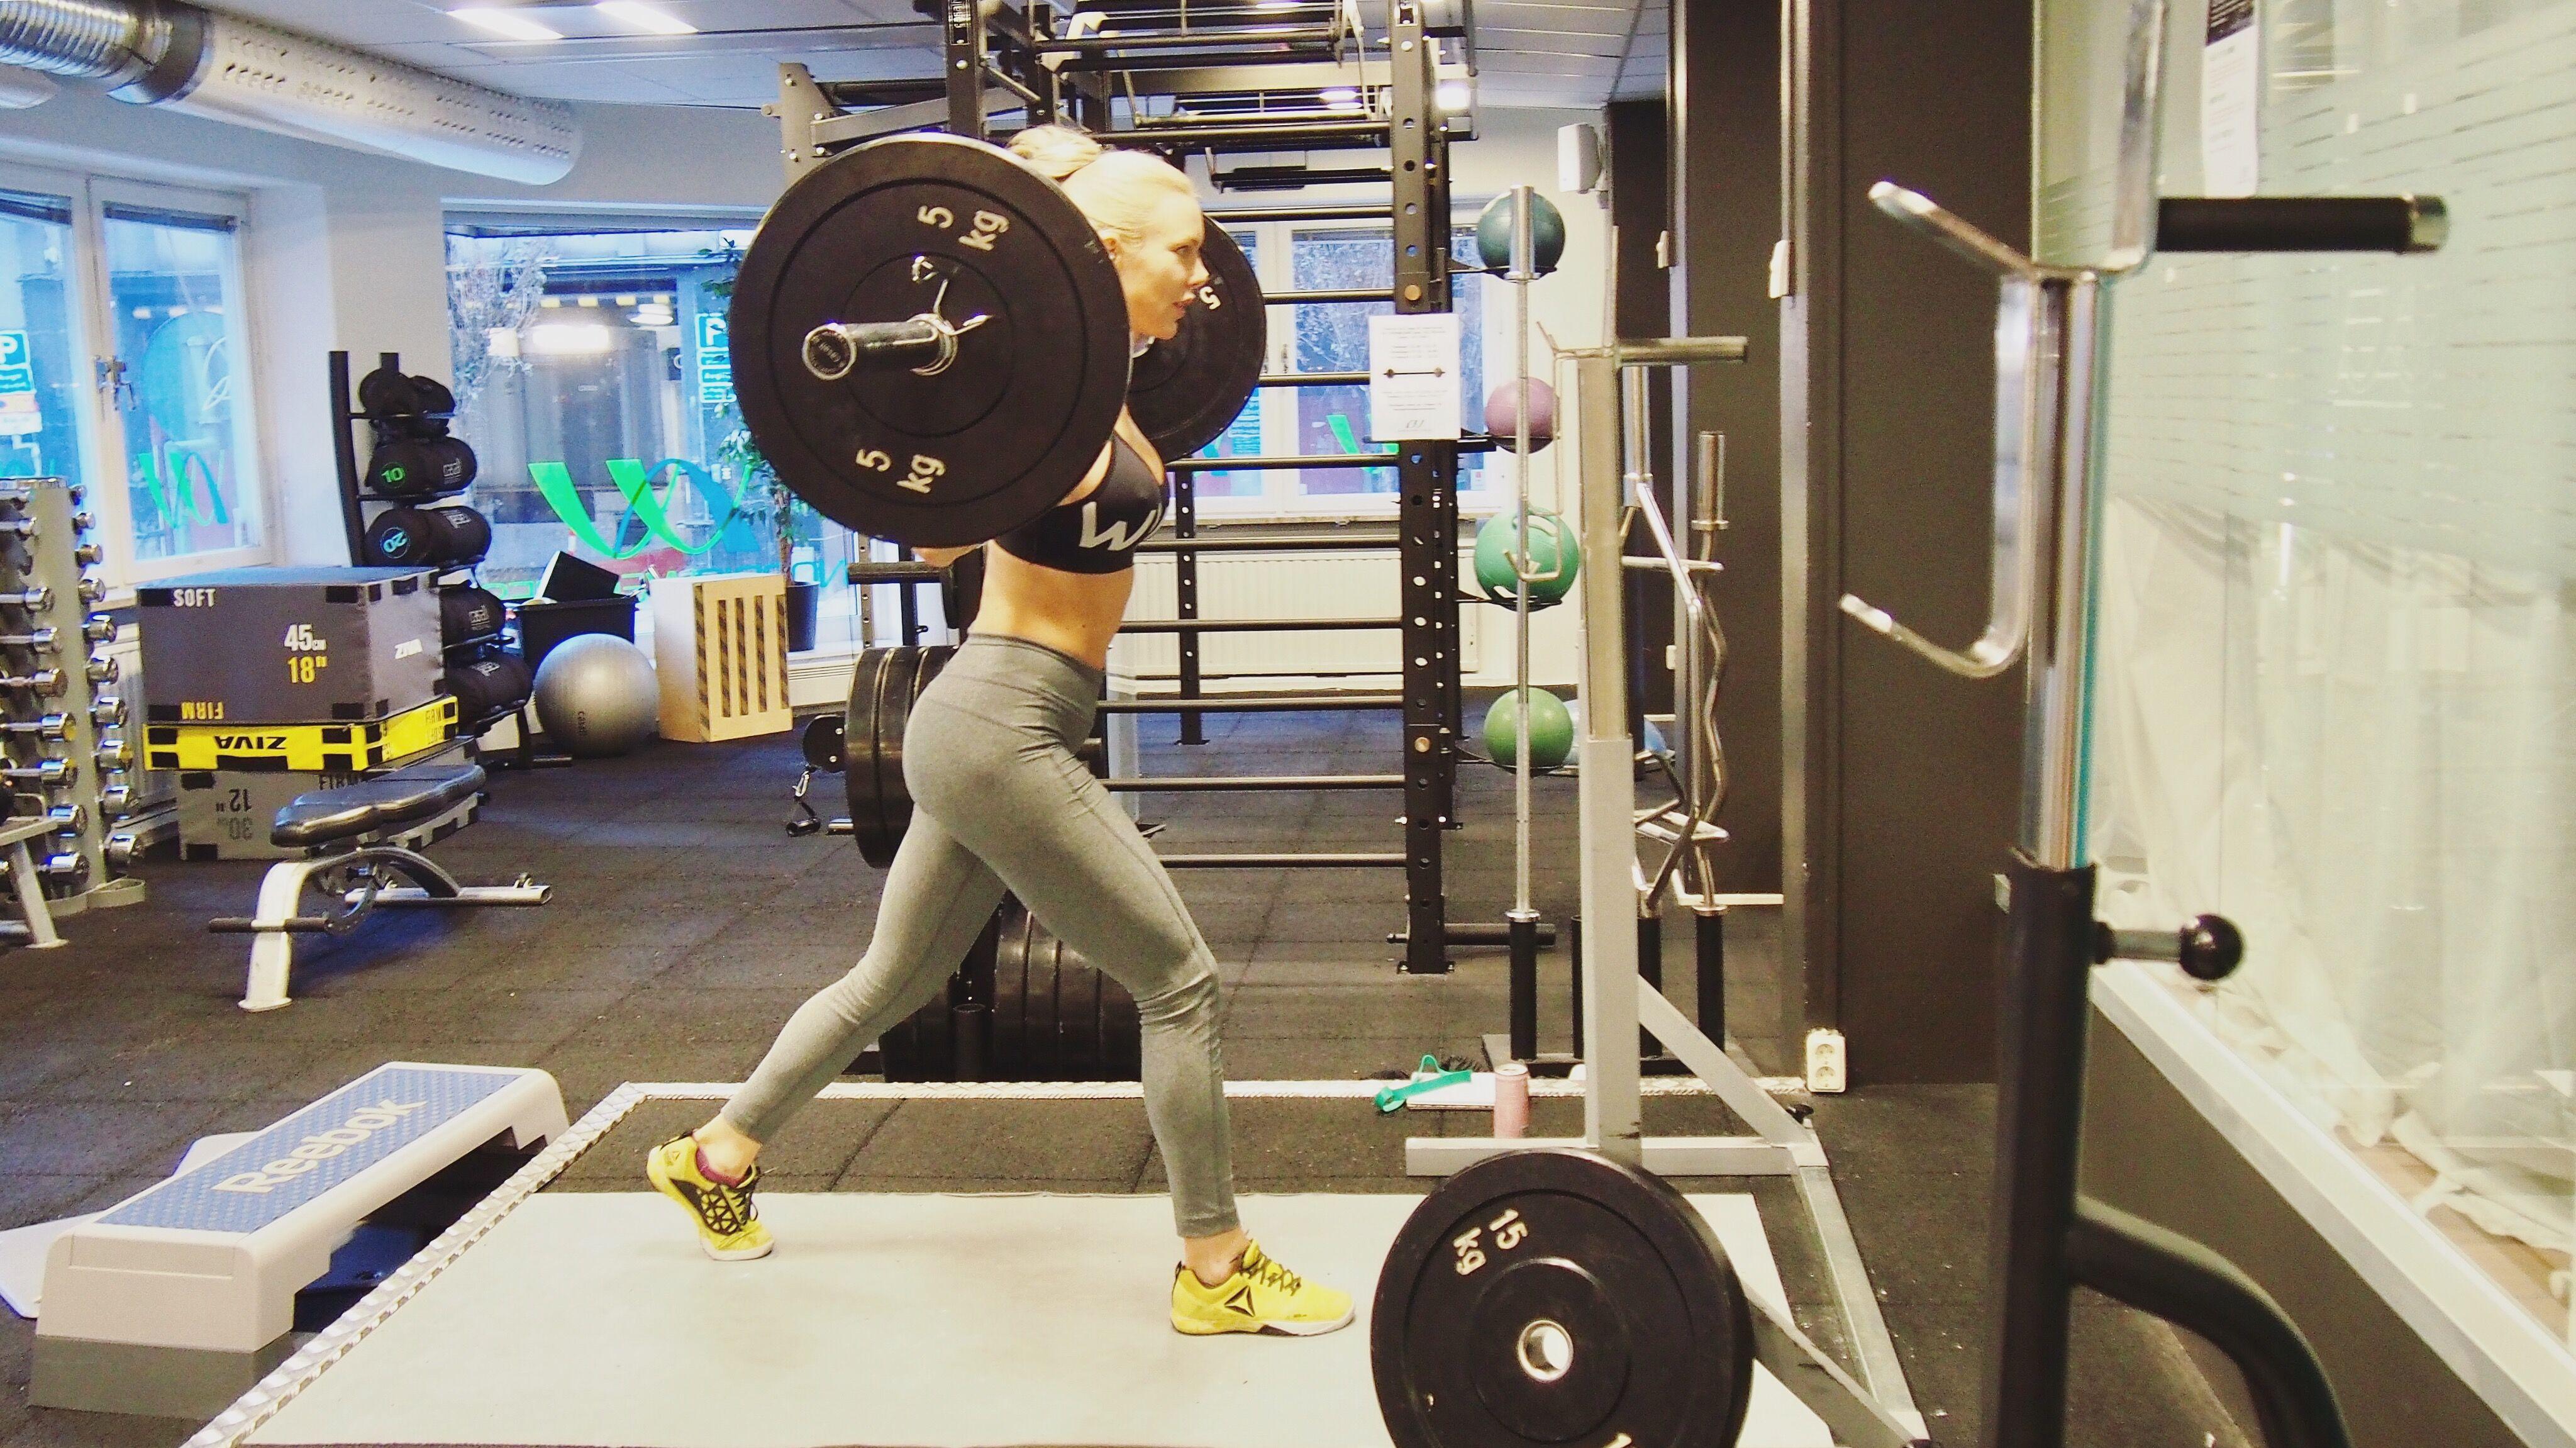 4 effektiva kombo-övningar som garanterat får det att svida i rumpa och lår